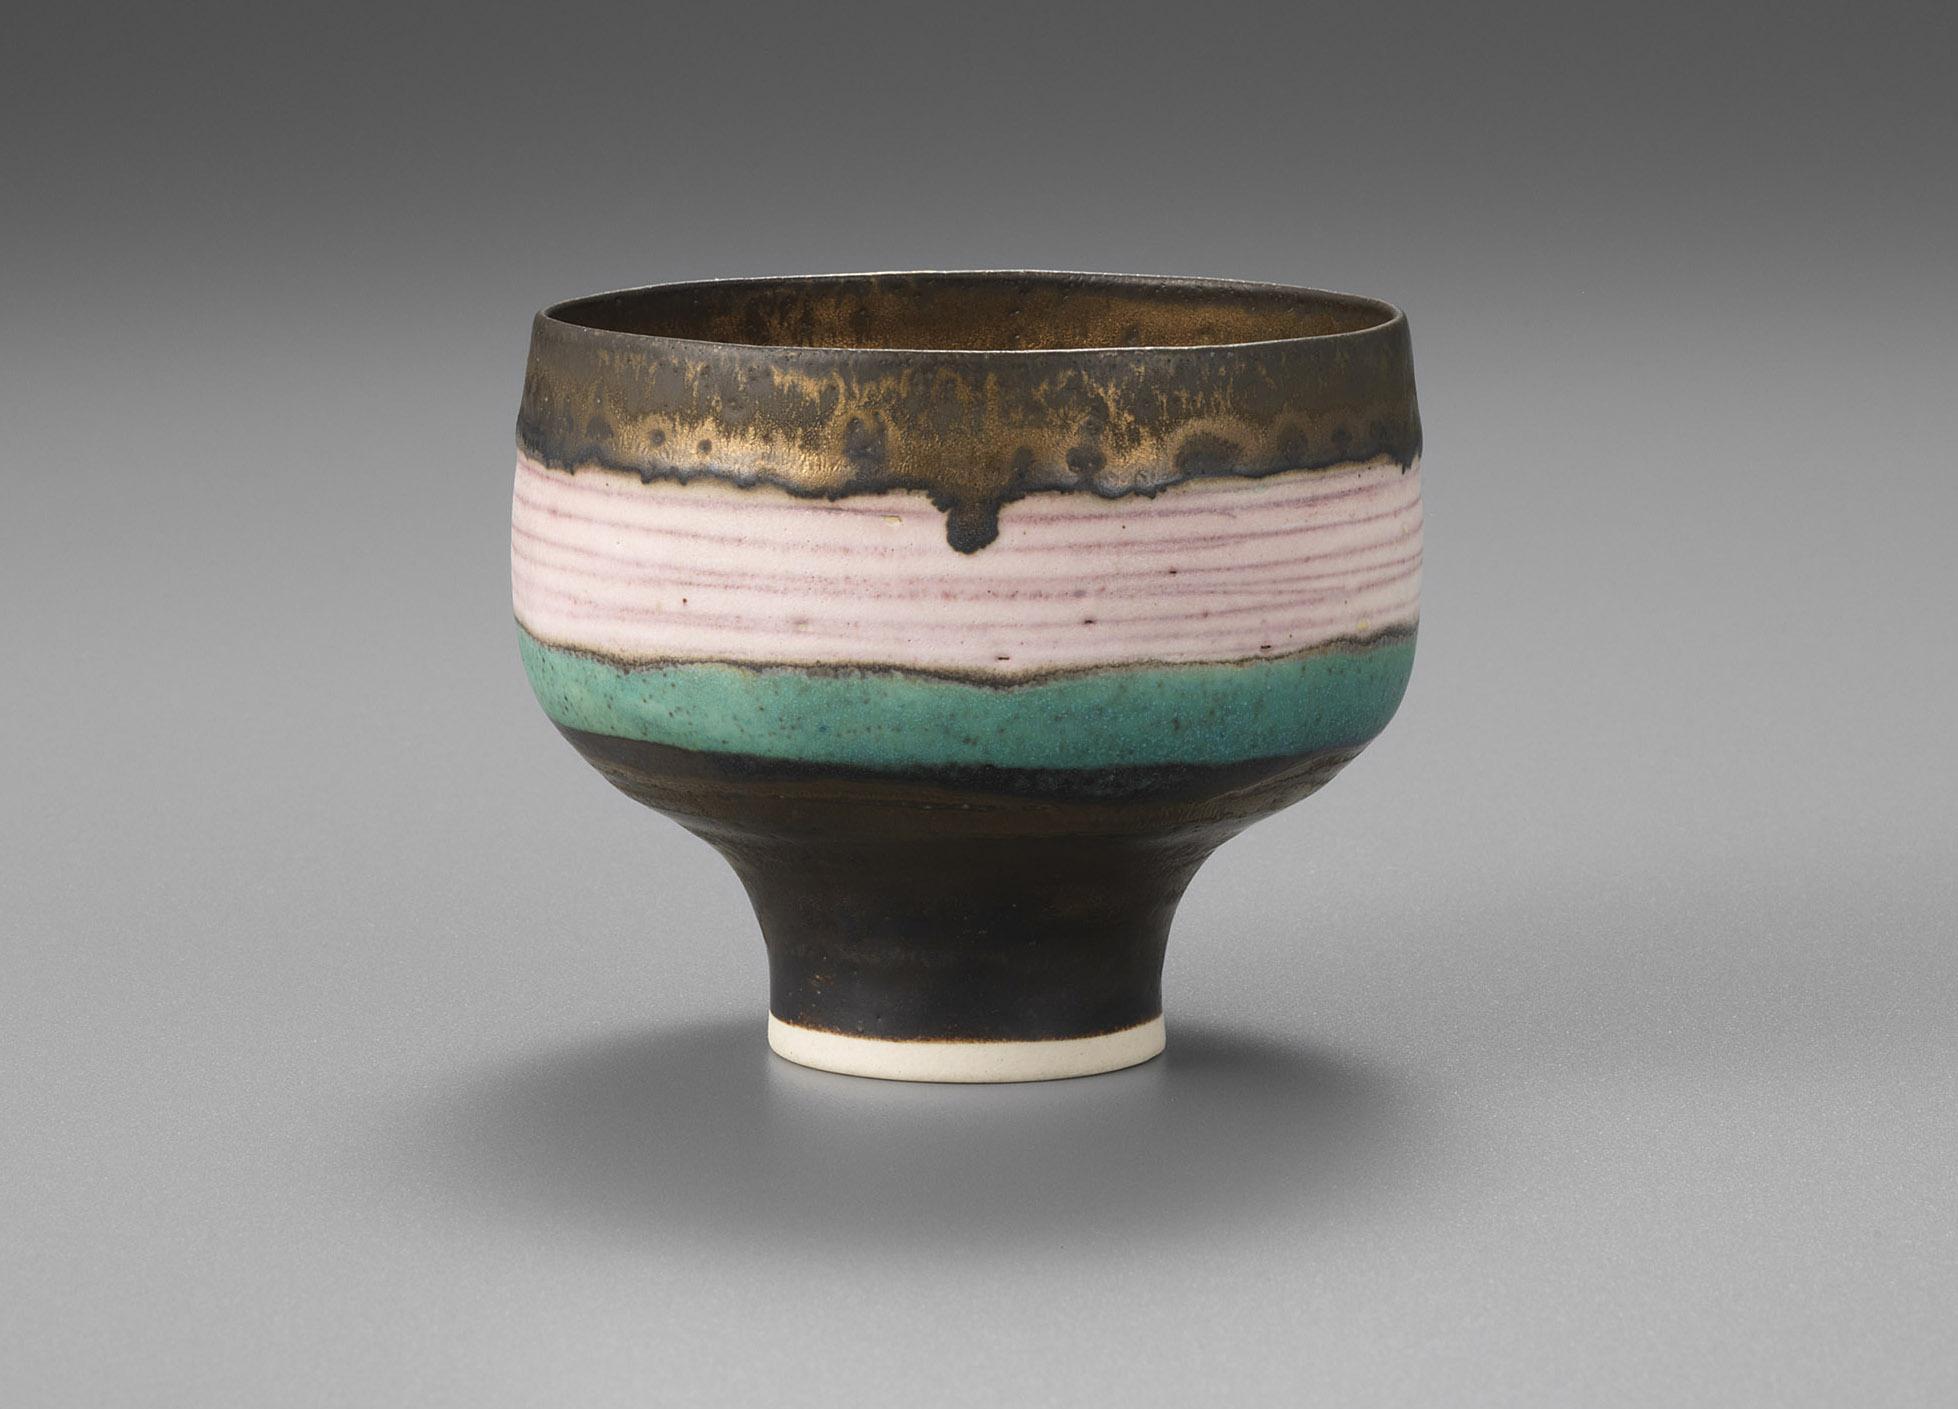 ルーシー・リー《ピンク線文碗》1975-79年頃 東京国立近代美術館蔵